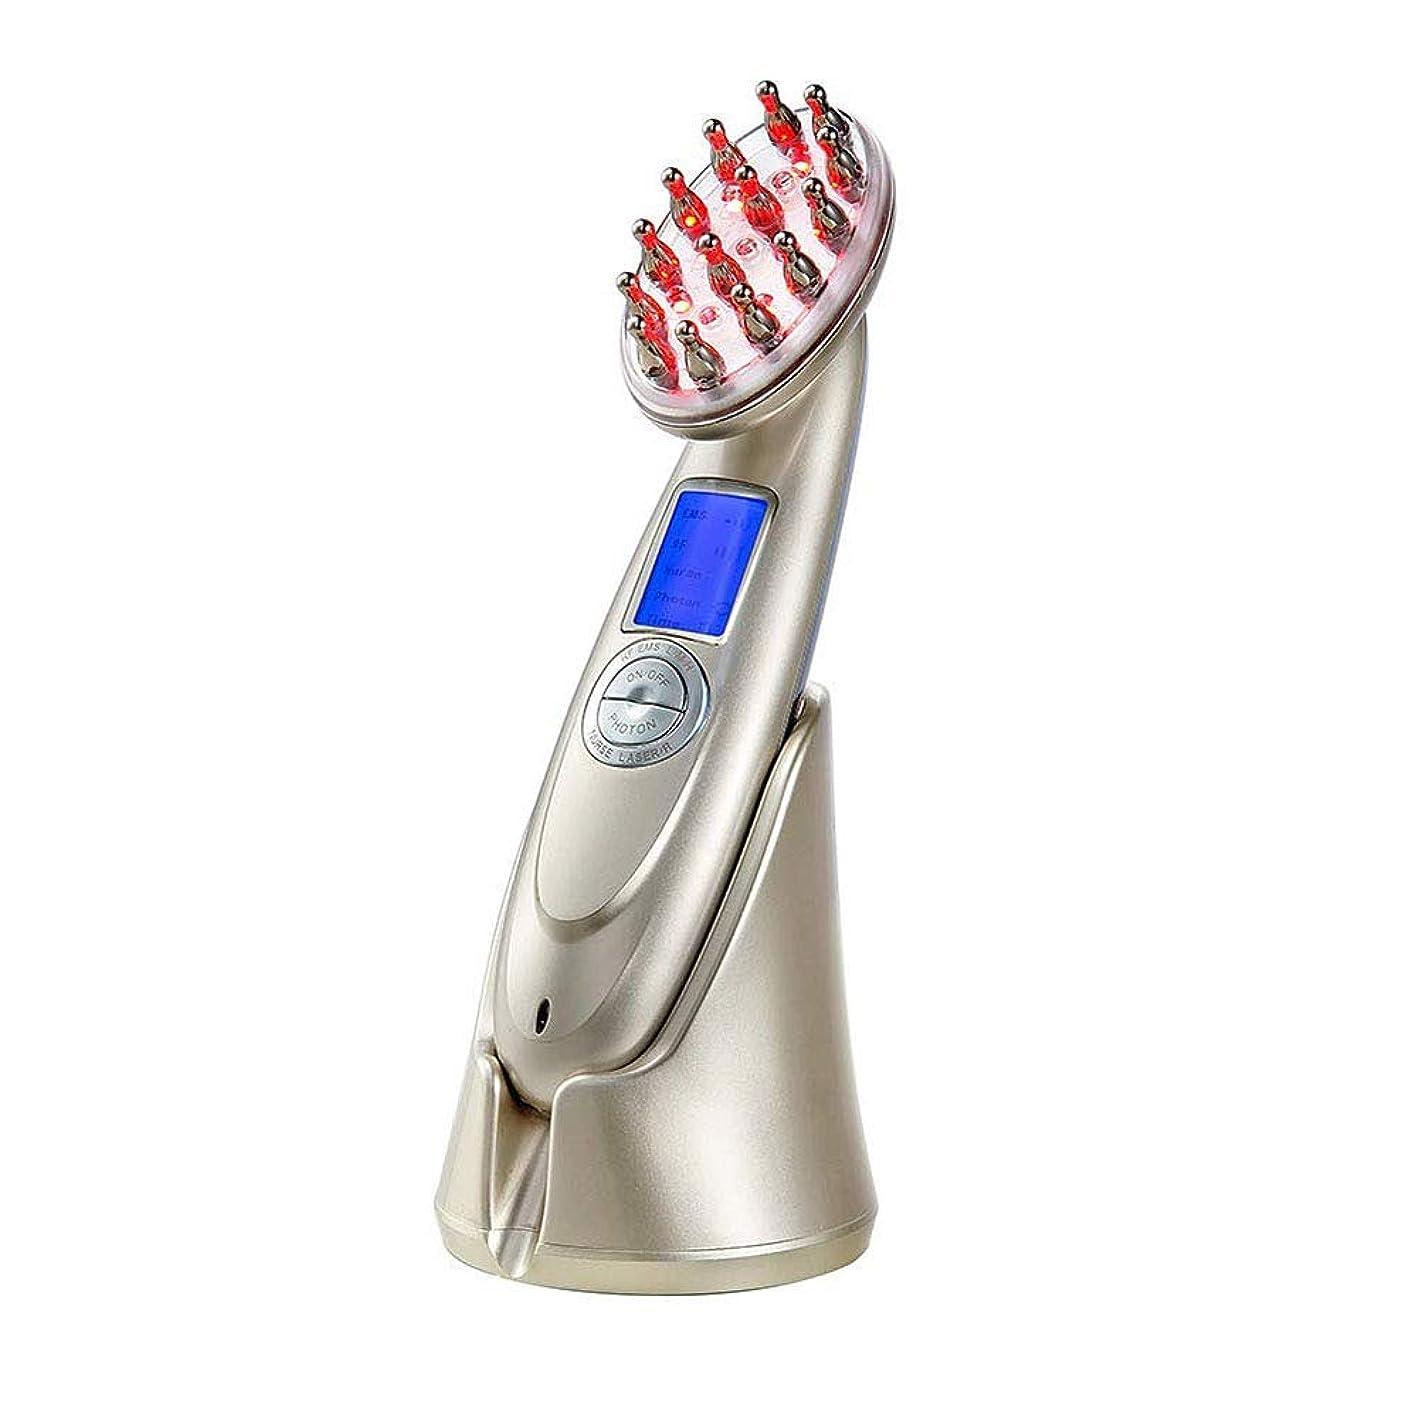 シソーラスチーター染色髪の成長櫛電気抗毛損失治療マッサージヘア再生ブラシ無線周波数職業 EMS Led フォトンライトセラピー櫛